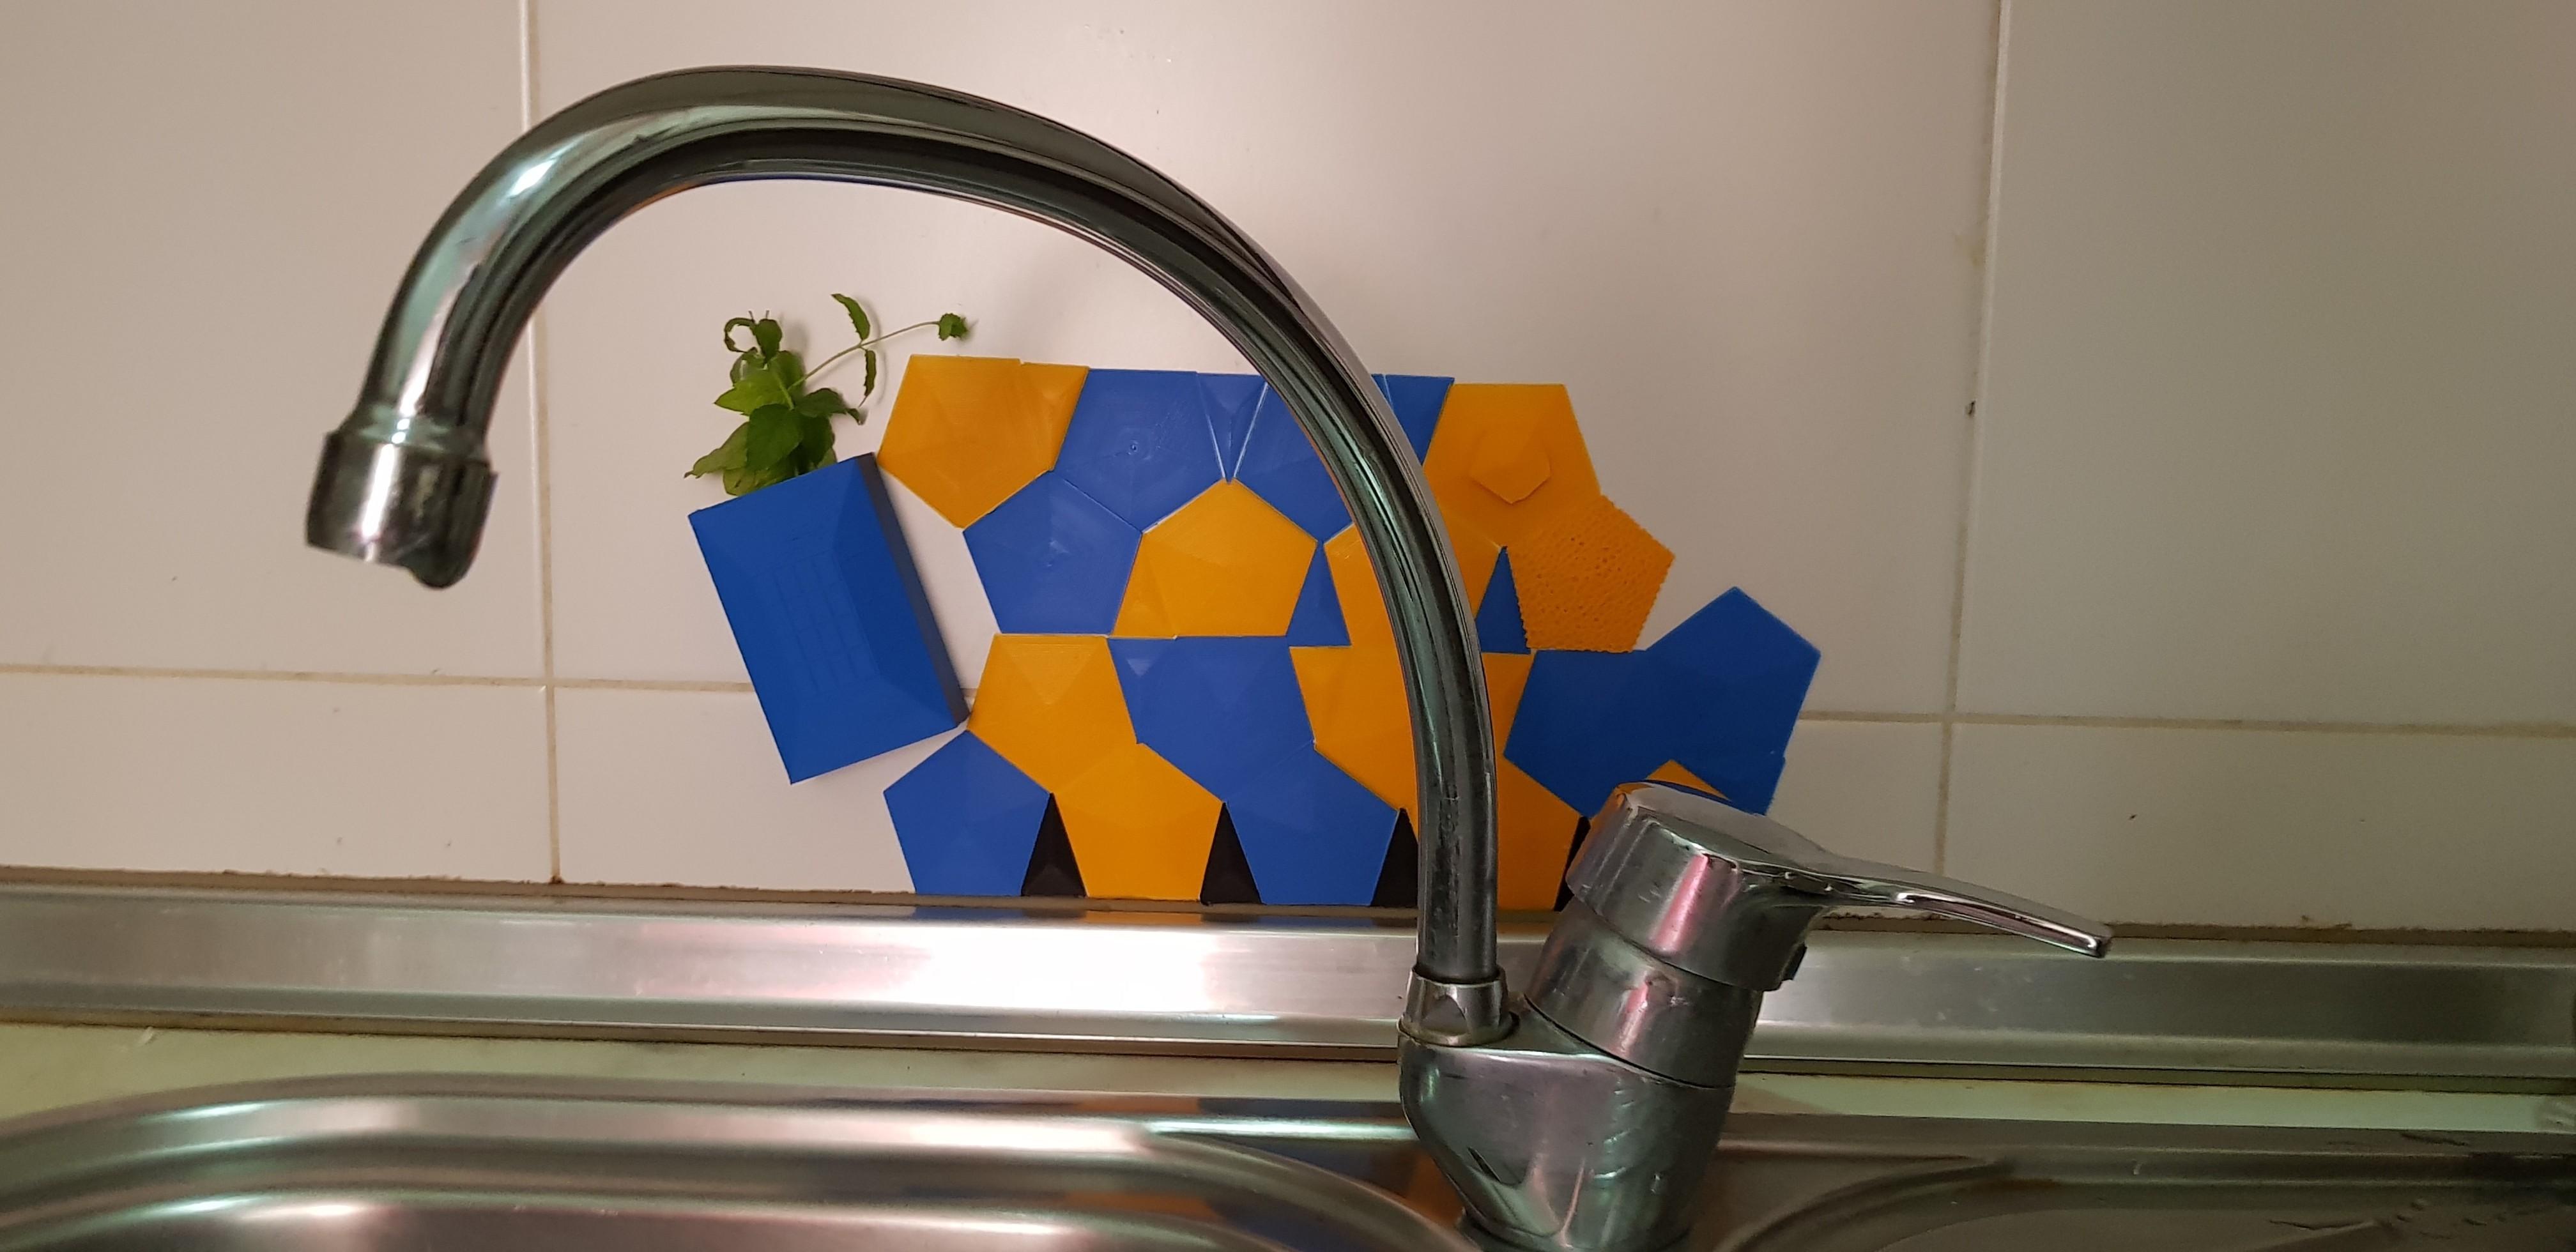 20180808_120659.jpg Télécharger fichier STL gratuit Contre-éclaboussures pour évier de cuisine • Modèle pour impression 3D, solunkejagruti